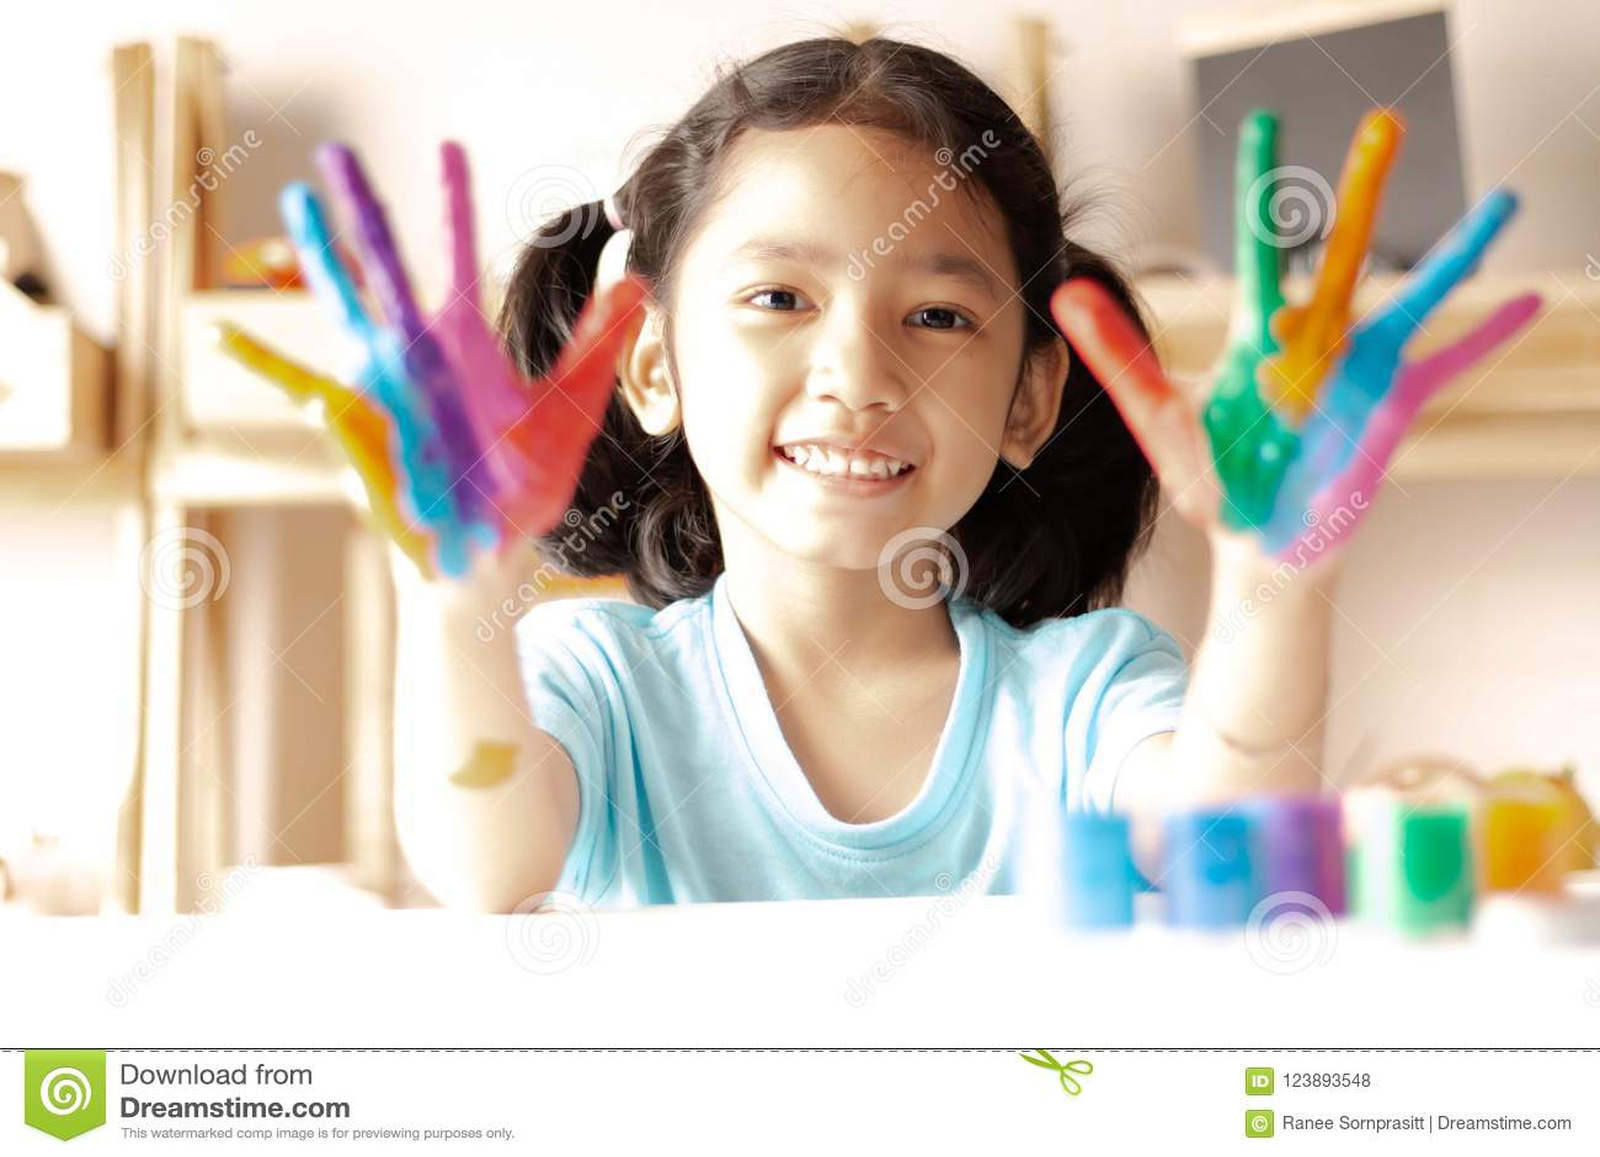 Mała dziewczynka pokazuje kolor malującego na rękach